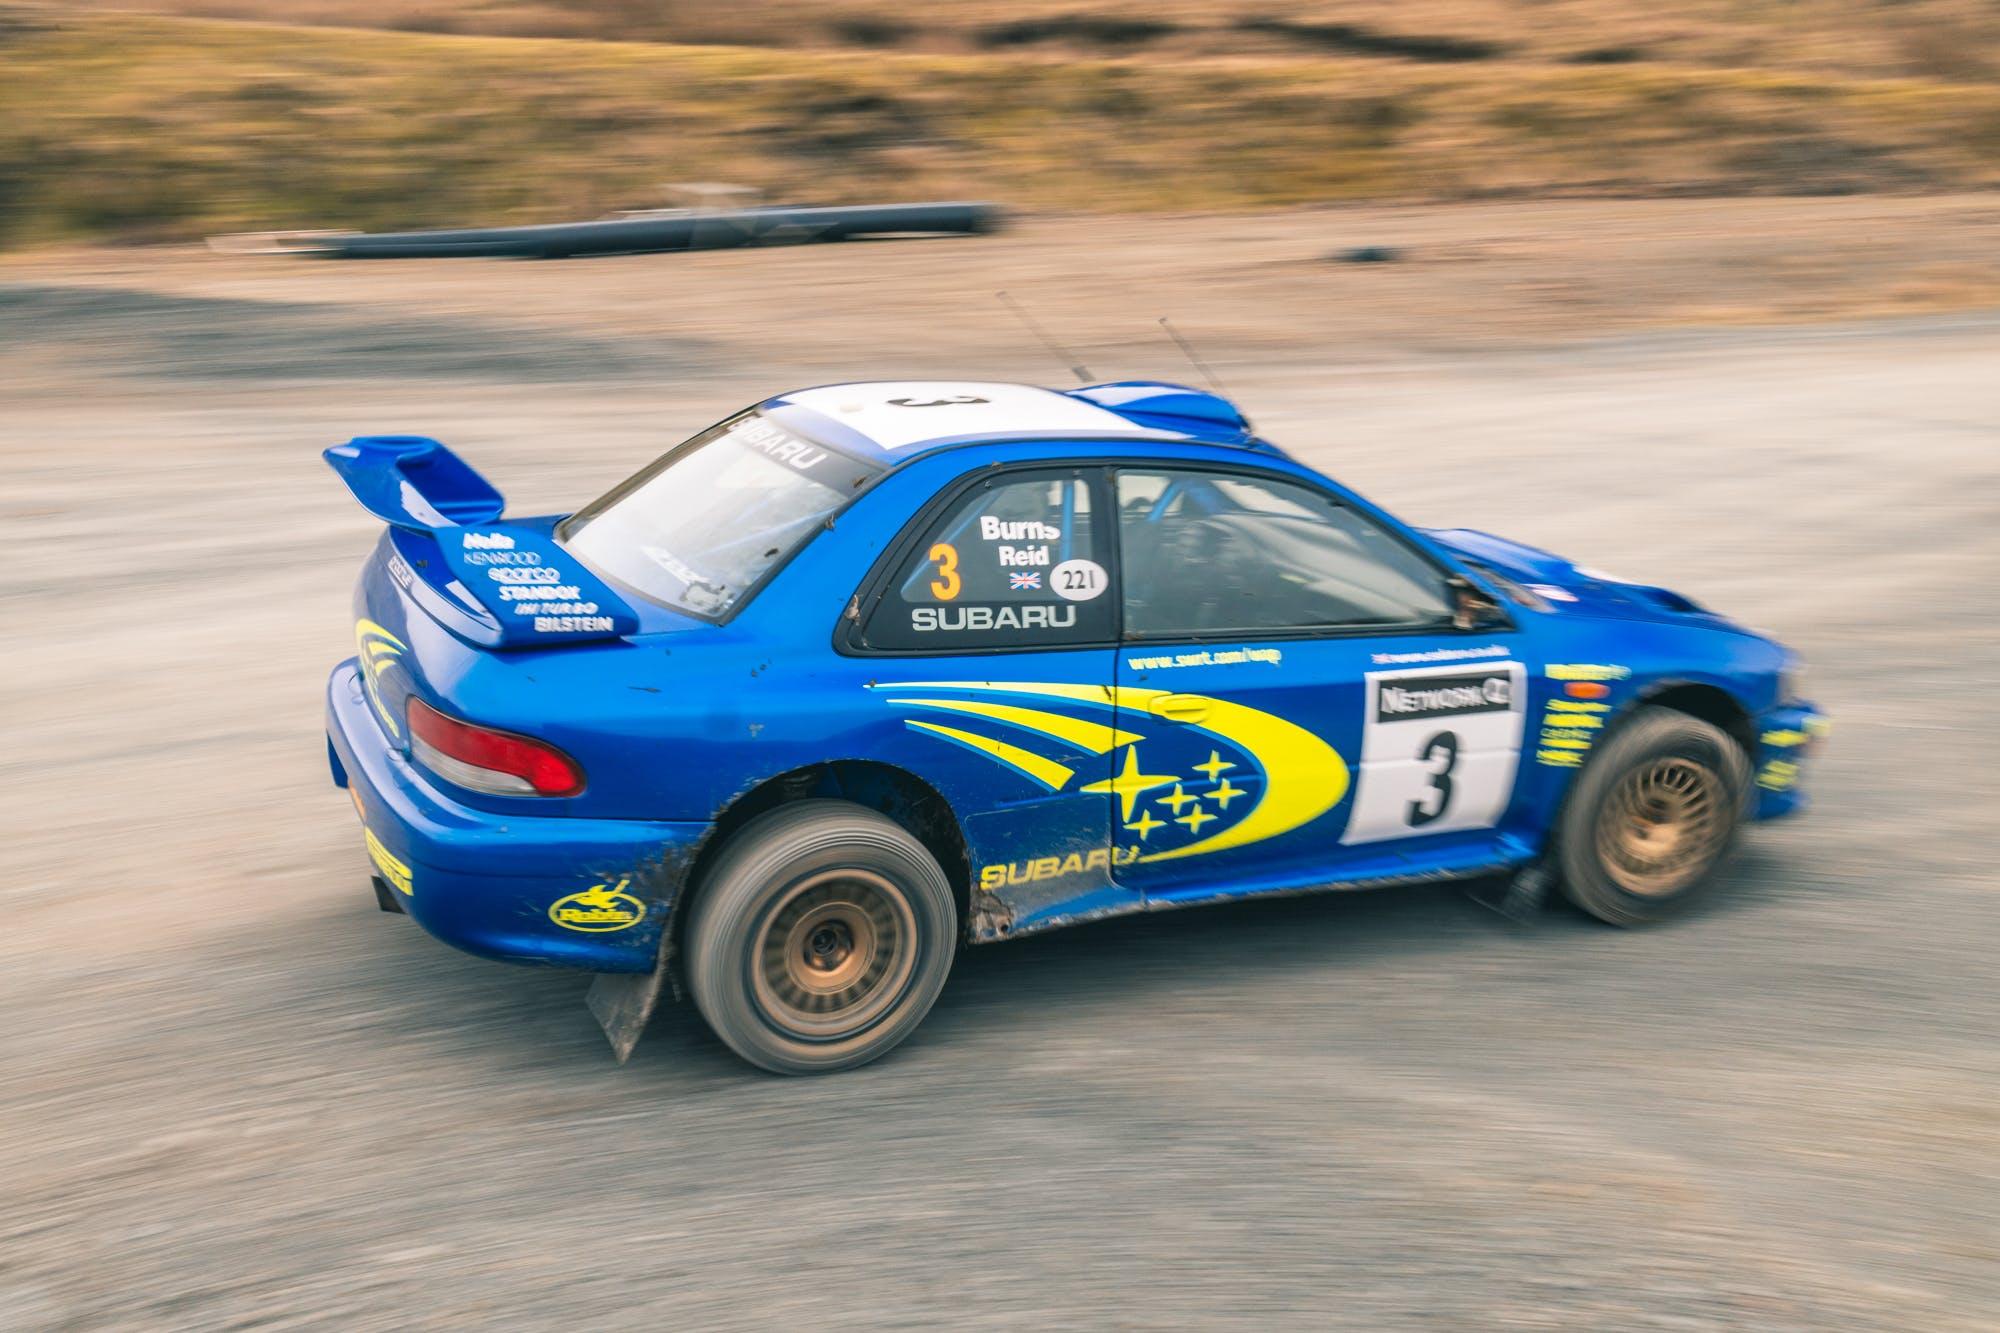 Subaru Impreza WRC 1